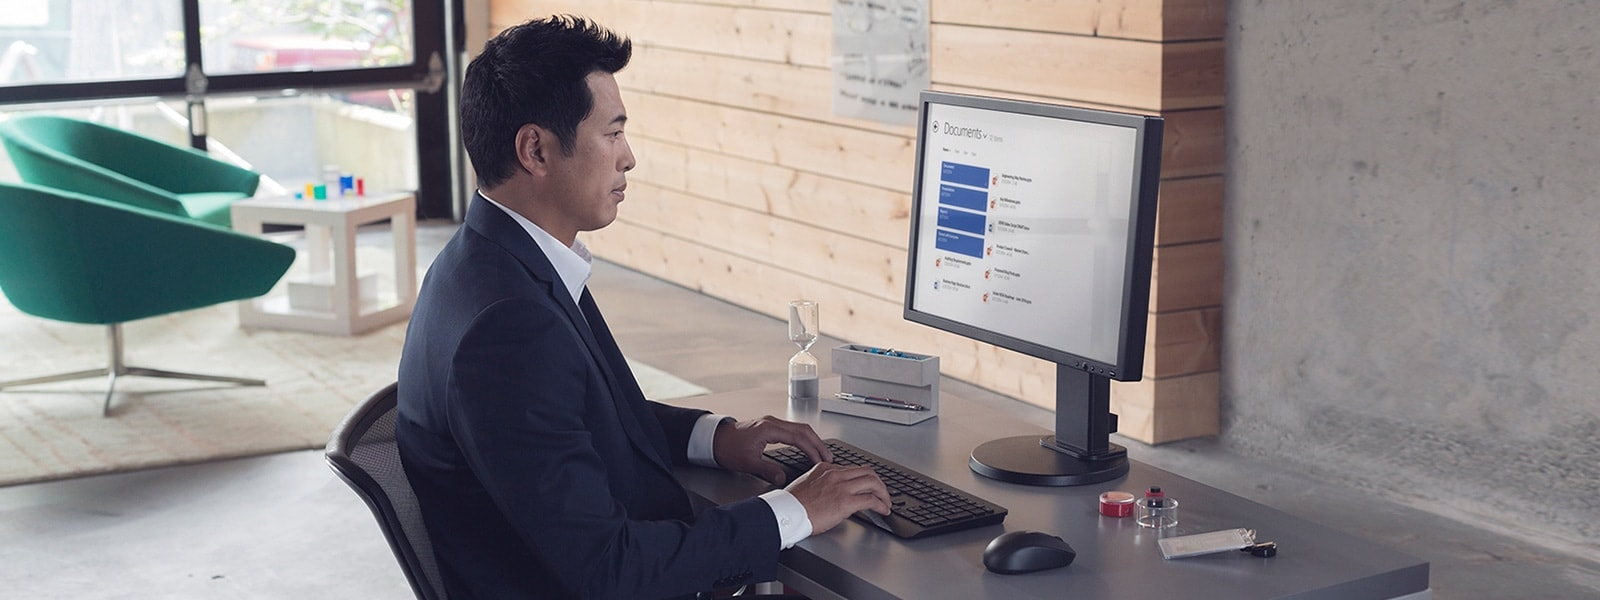 Persona che digita a un computer